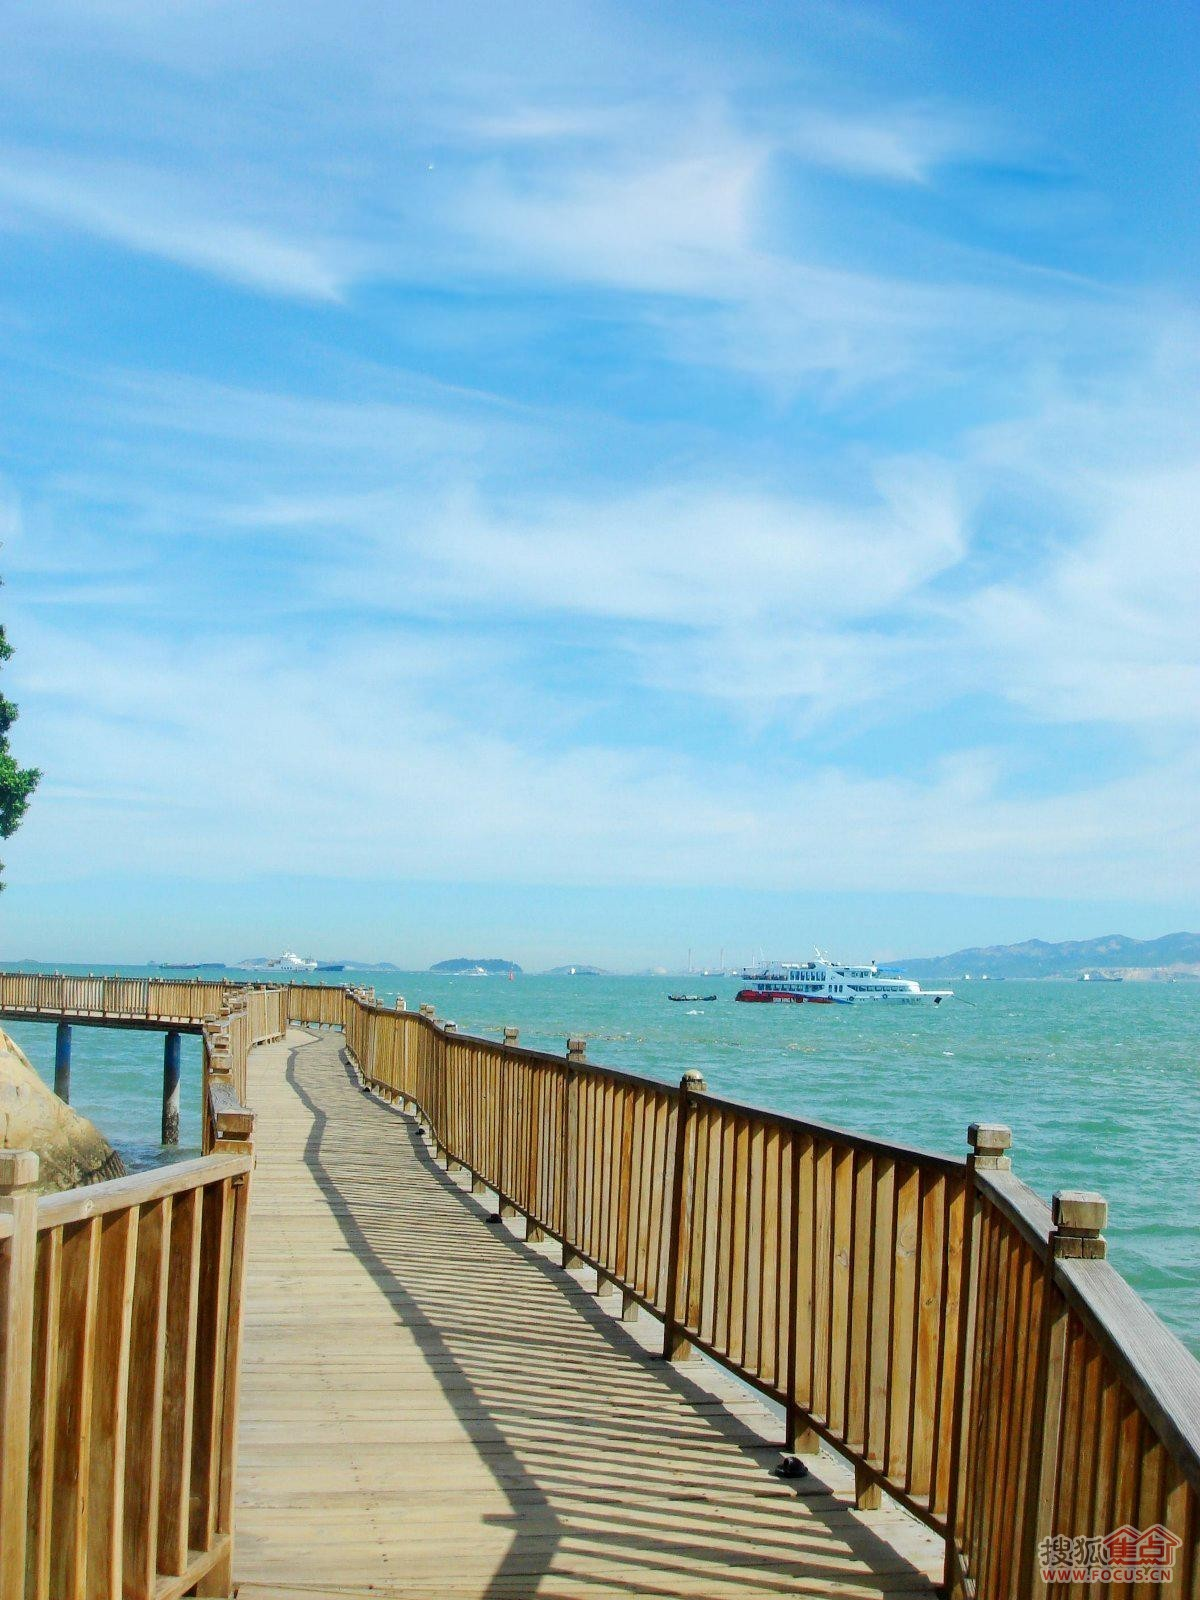 明儿去南岸茶园广阳岛散散心,享受一下自然生态的感觉吧!